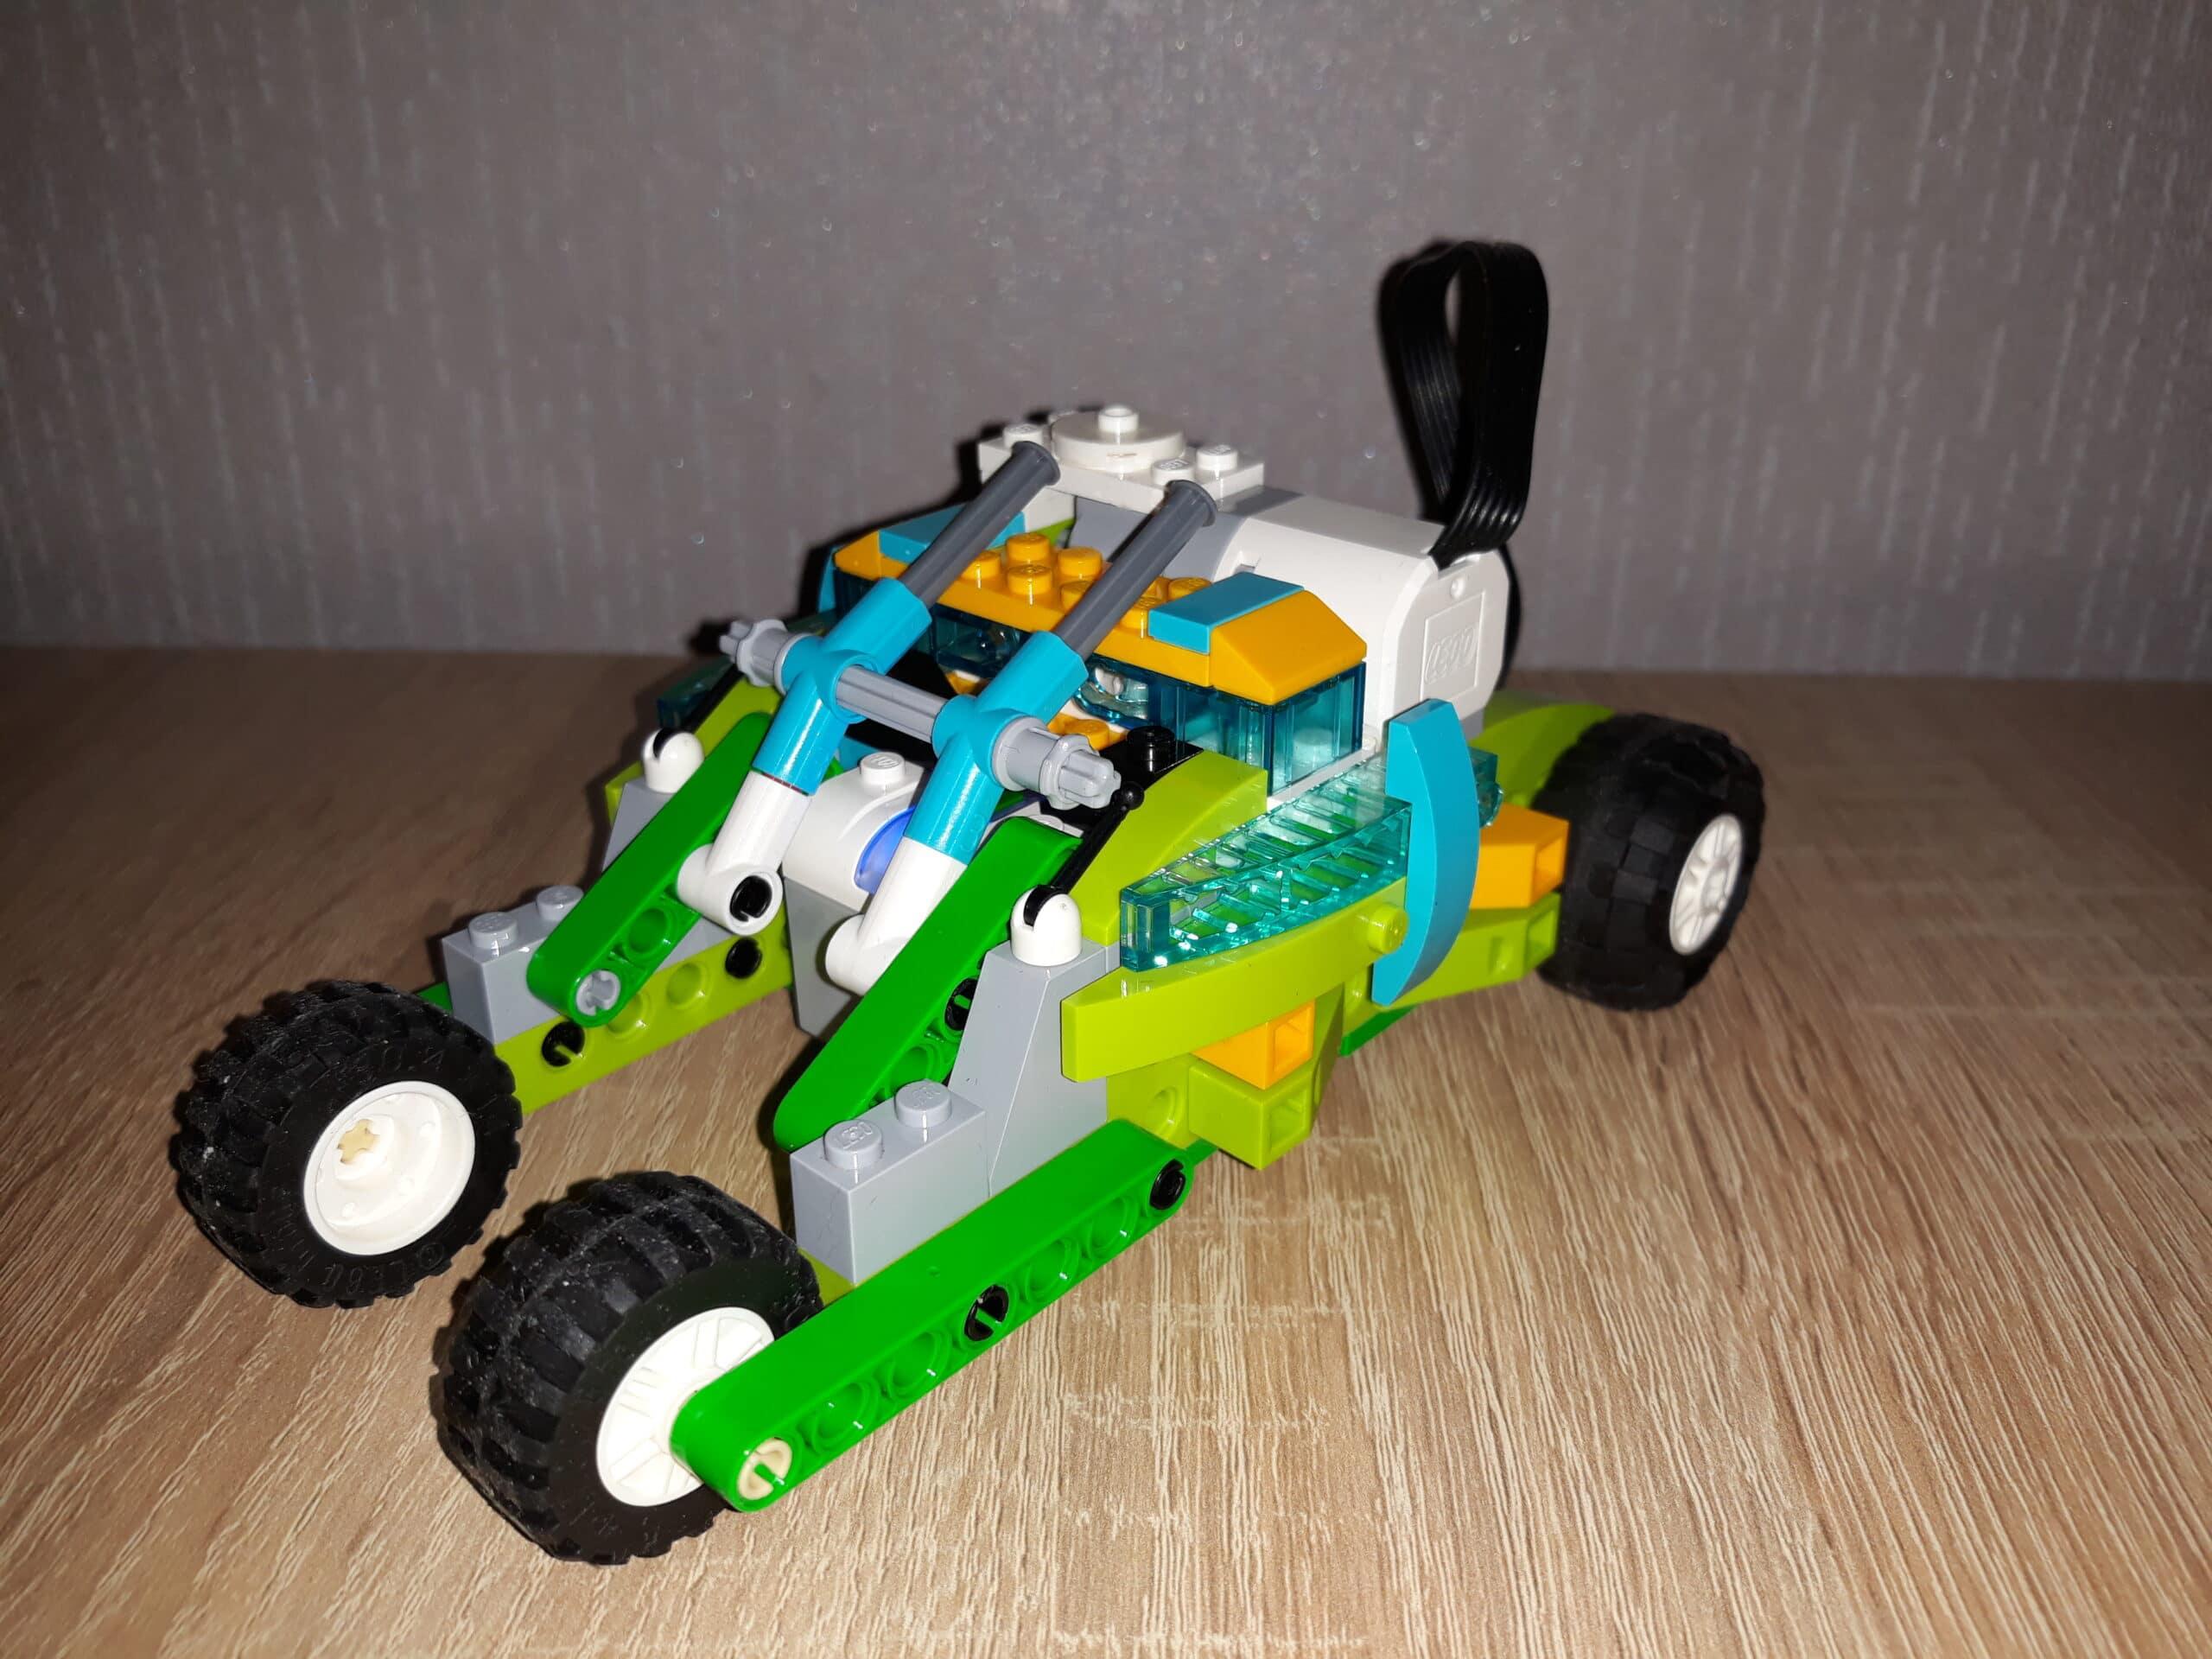 Инструкция по сборке из набора LEGO Education WeDo 2.0 Бэтмобиль